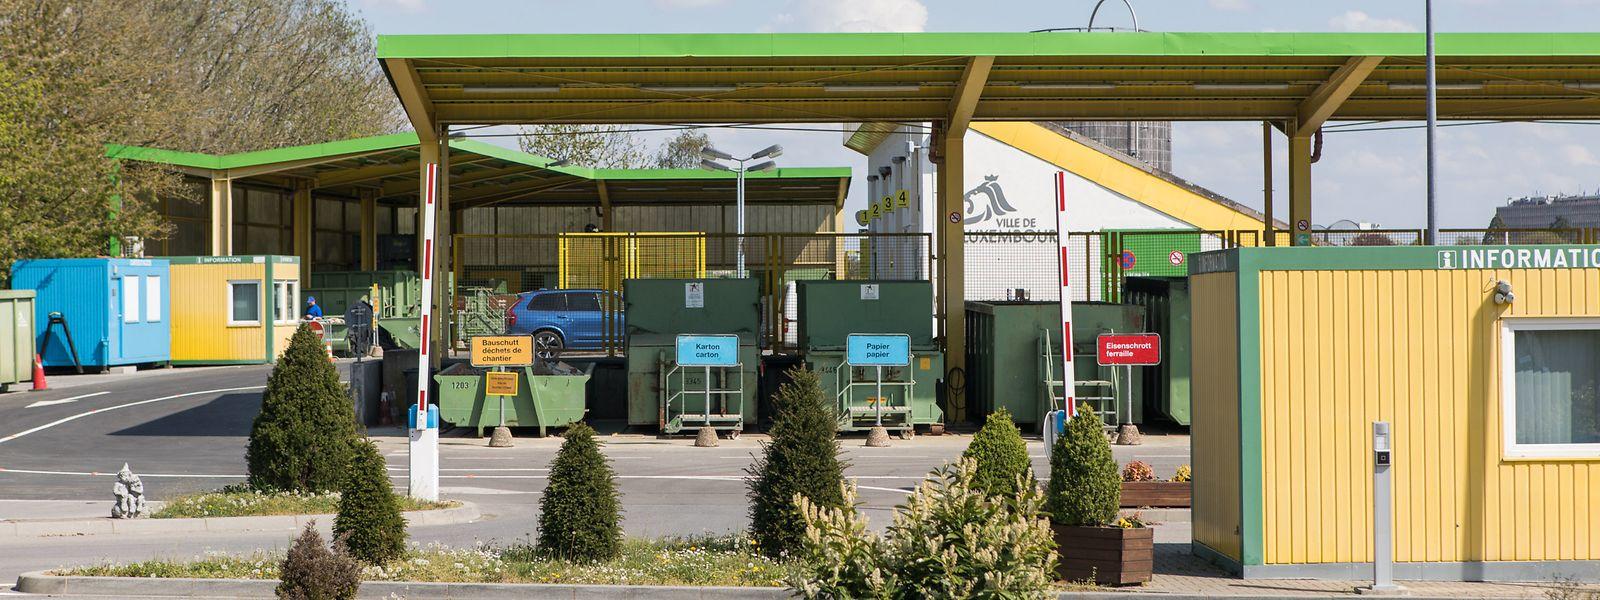 Der Wertstoffhof an der Route d'Arlon in Luxemburg-Stadt wird von Montagvormittag an wieder geöffnet sein.